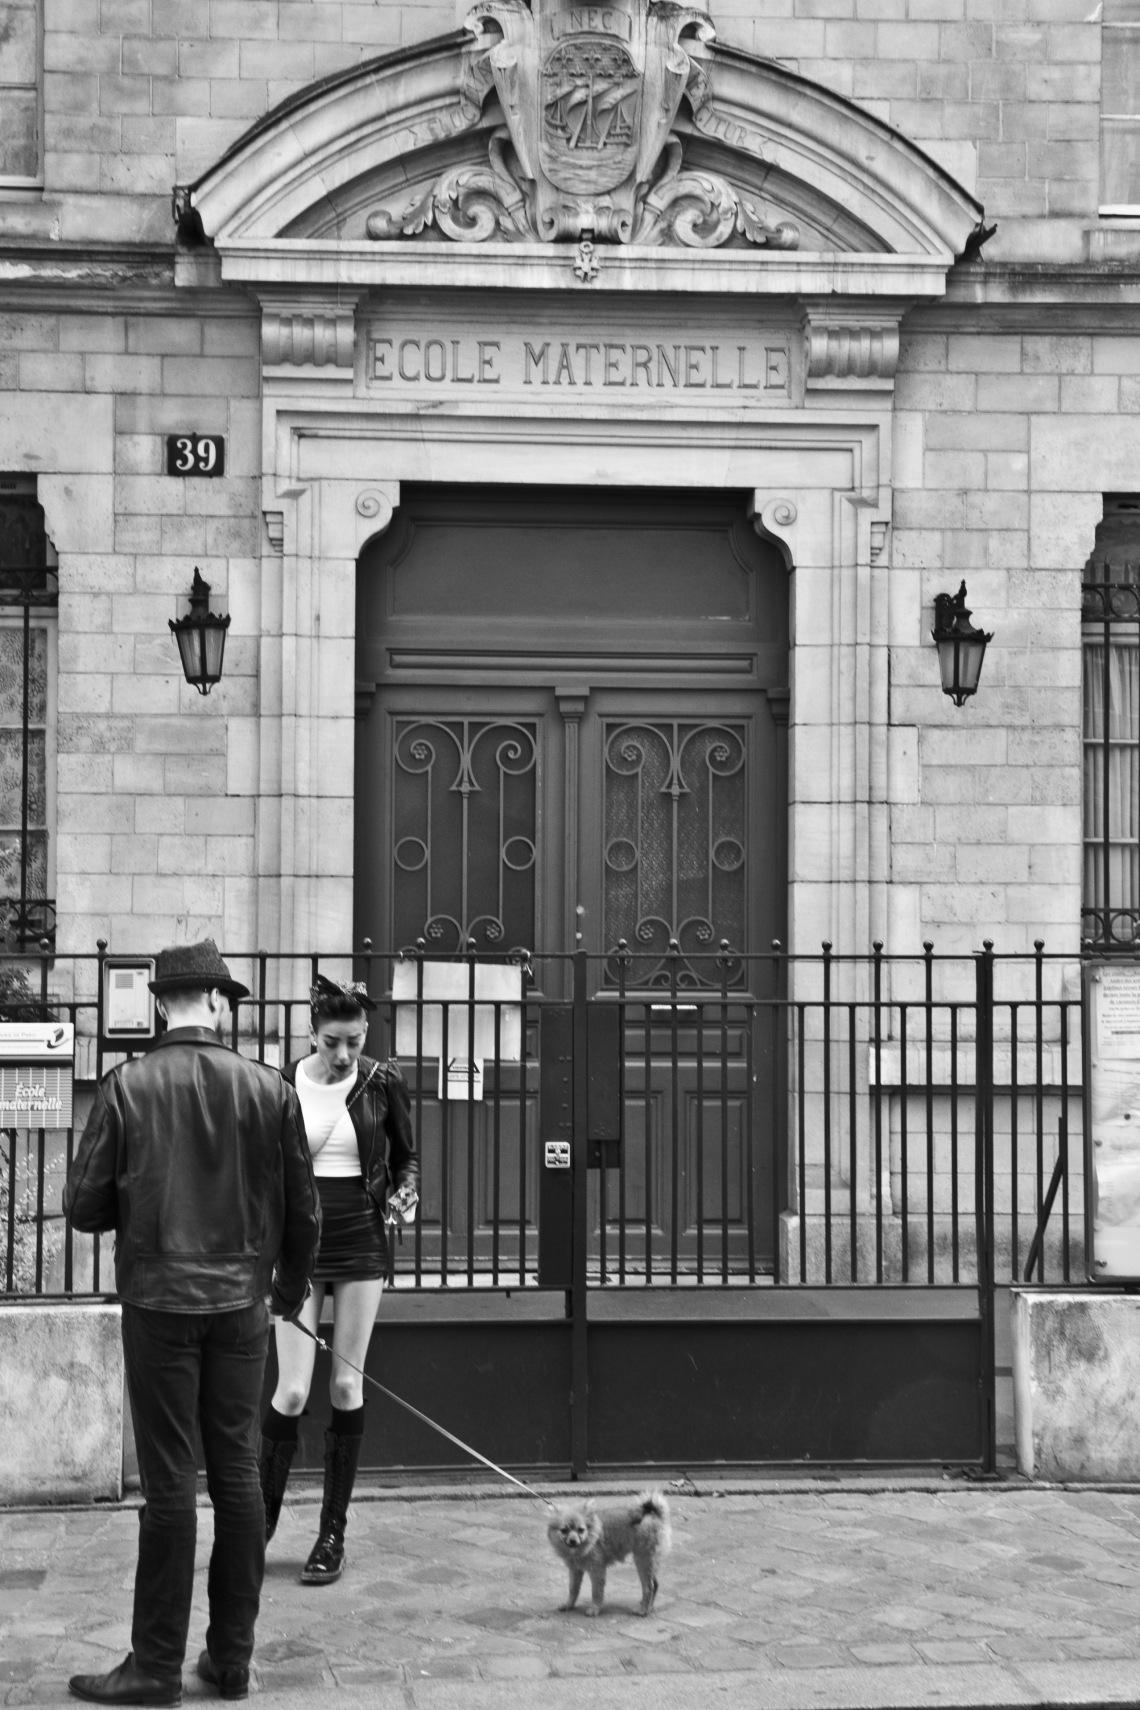 Ecole maternelle, Rue Saint-André des Arts (juillet 2015). Photo André Lange-Médart.